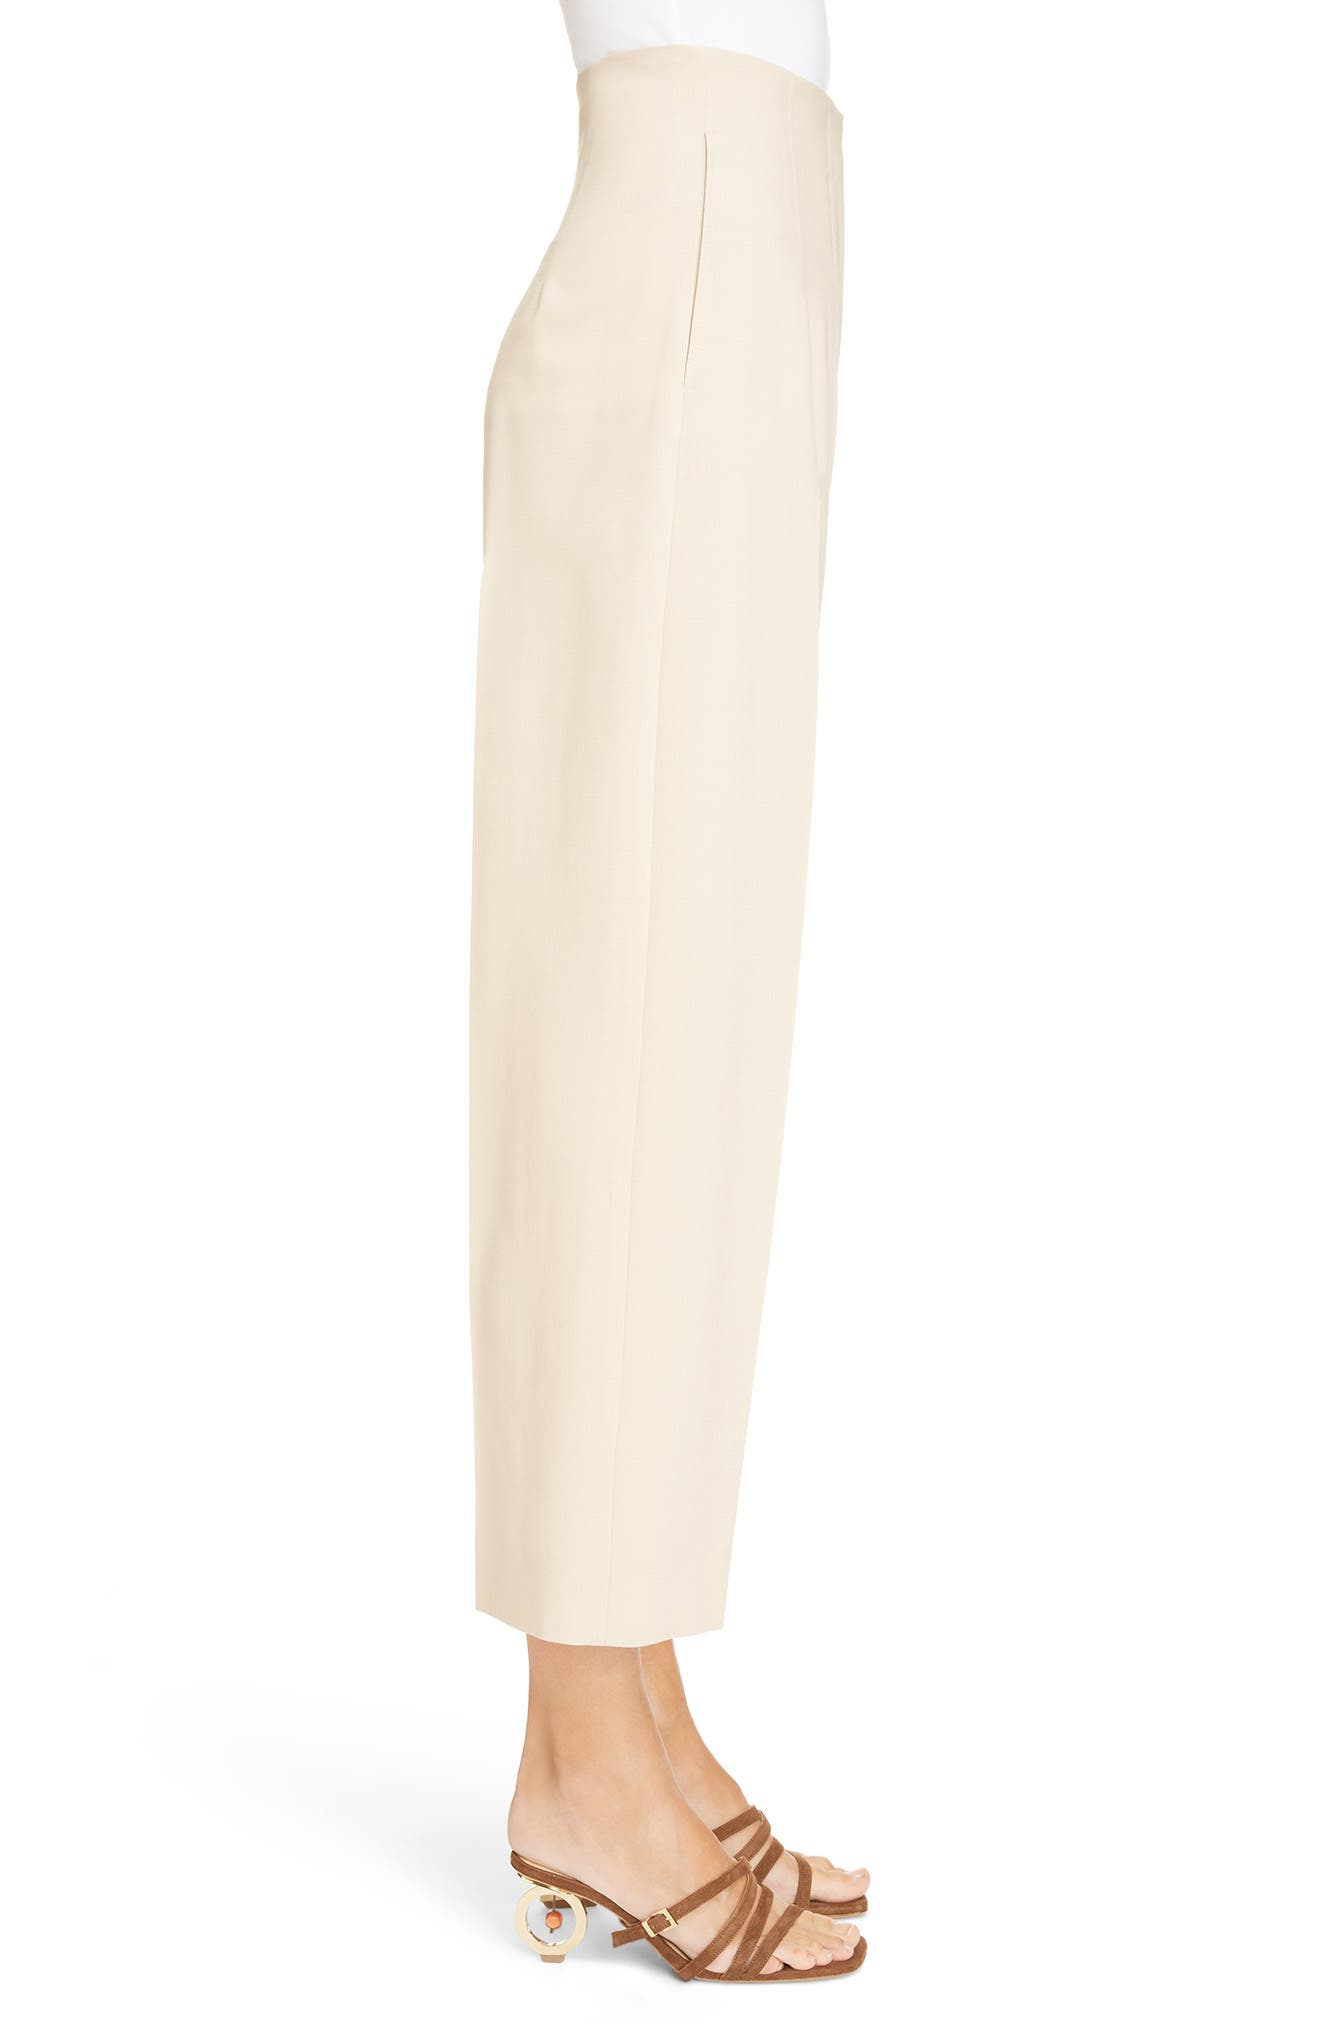 Le Pantalon Droit High Waist Crop Pants,                             Alternate thumbnail 3, color,                             250